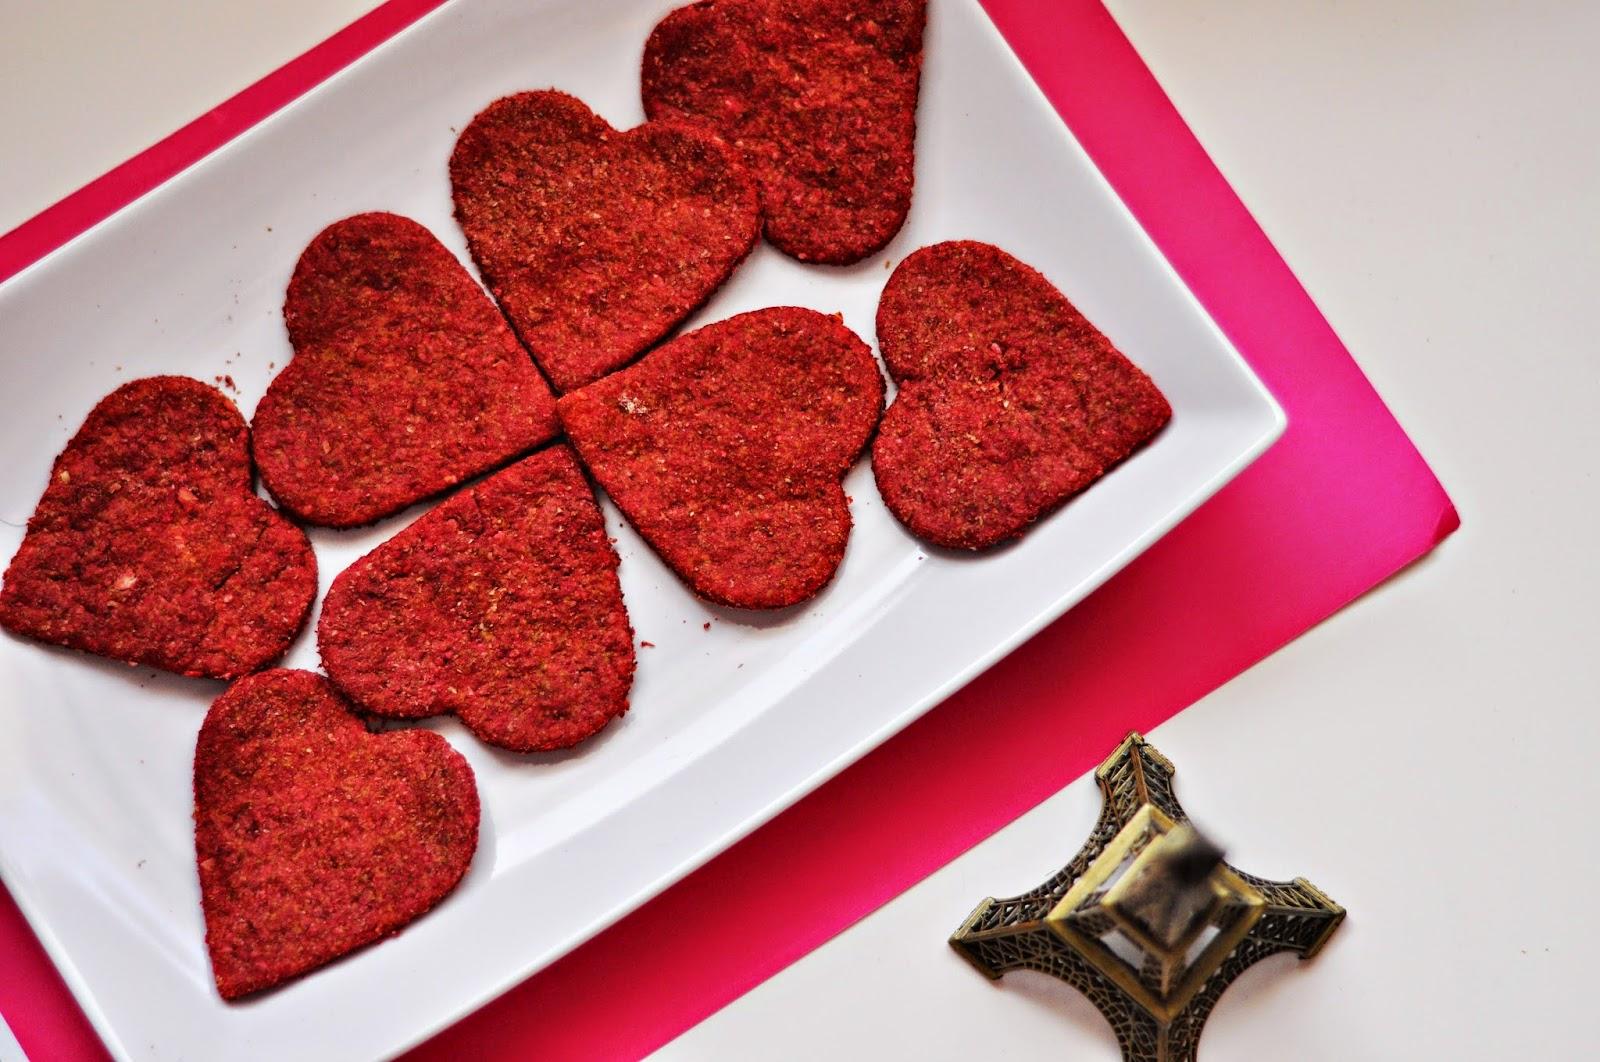 Walentynkowe serduszka pełnoziarniste | zdrowe | niskokaloryczne ciasteczka